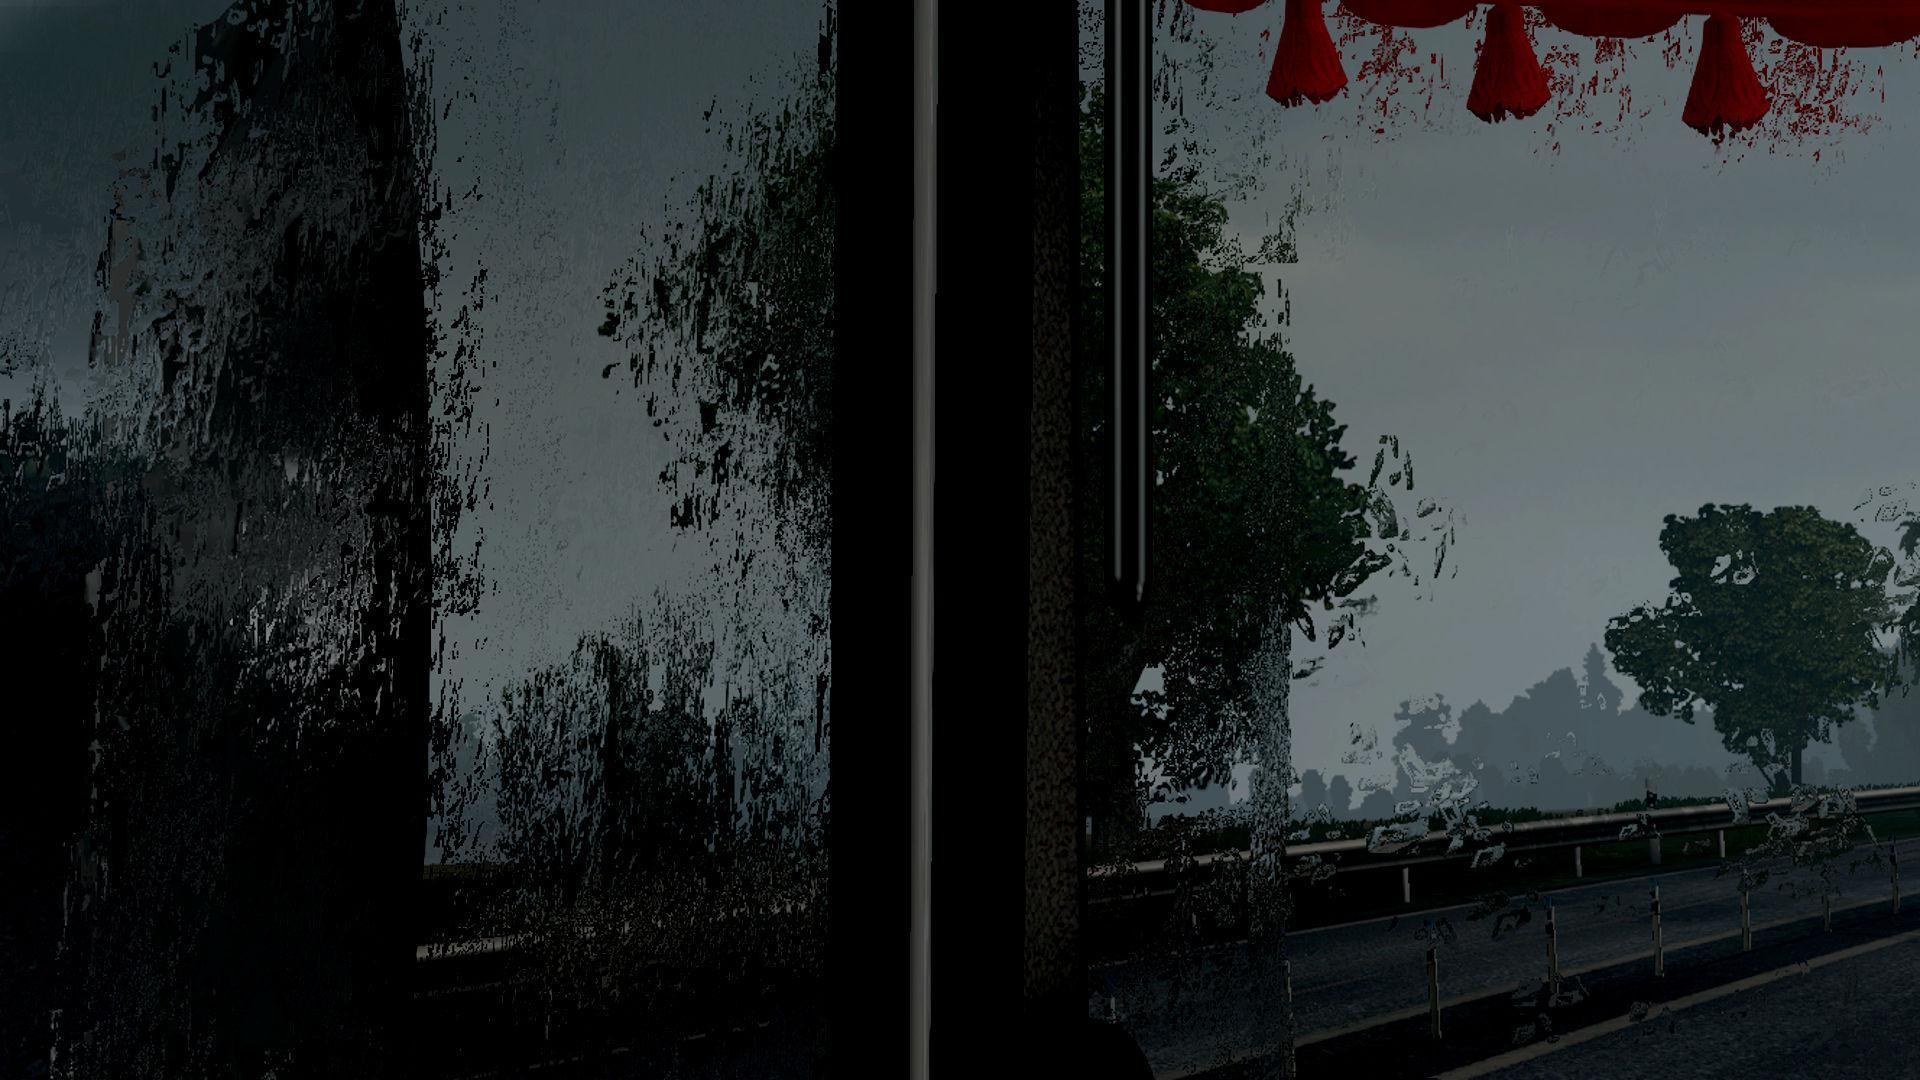 ETS2 - Better Rain Effects (1.36.x)